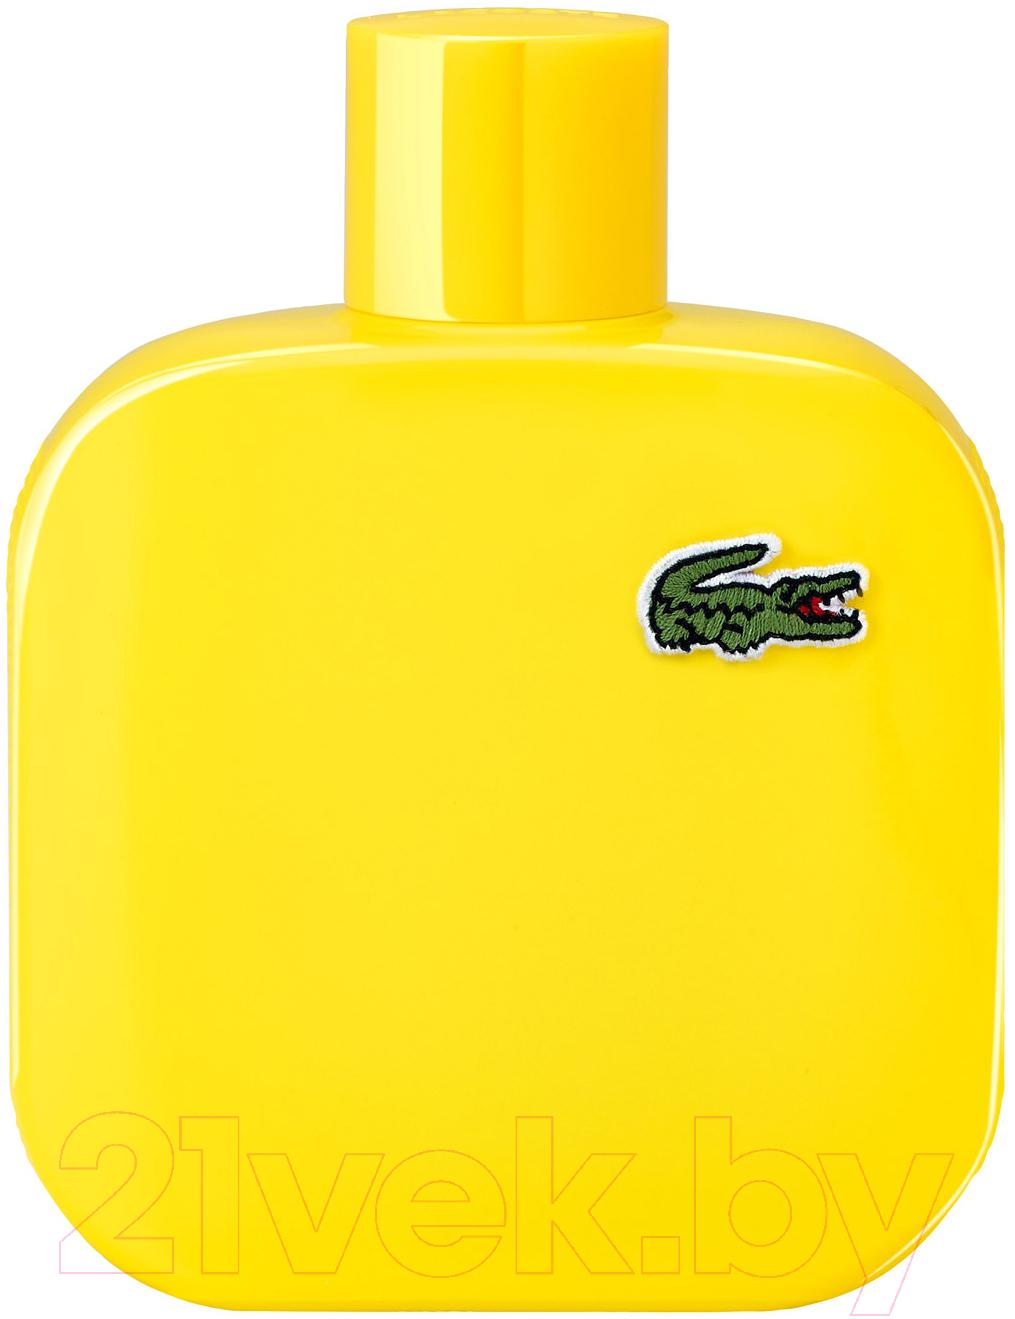 Купить Туалетная вода Lacoste, Eau de Lacoste Yellow L.12.12 Jaune (100мл), Швейцария, L.12.12 (Lacoste)